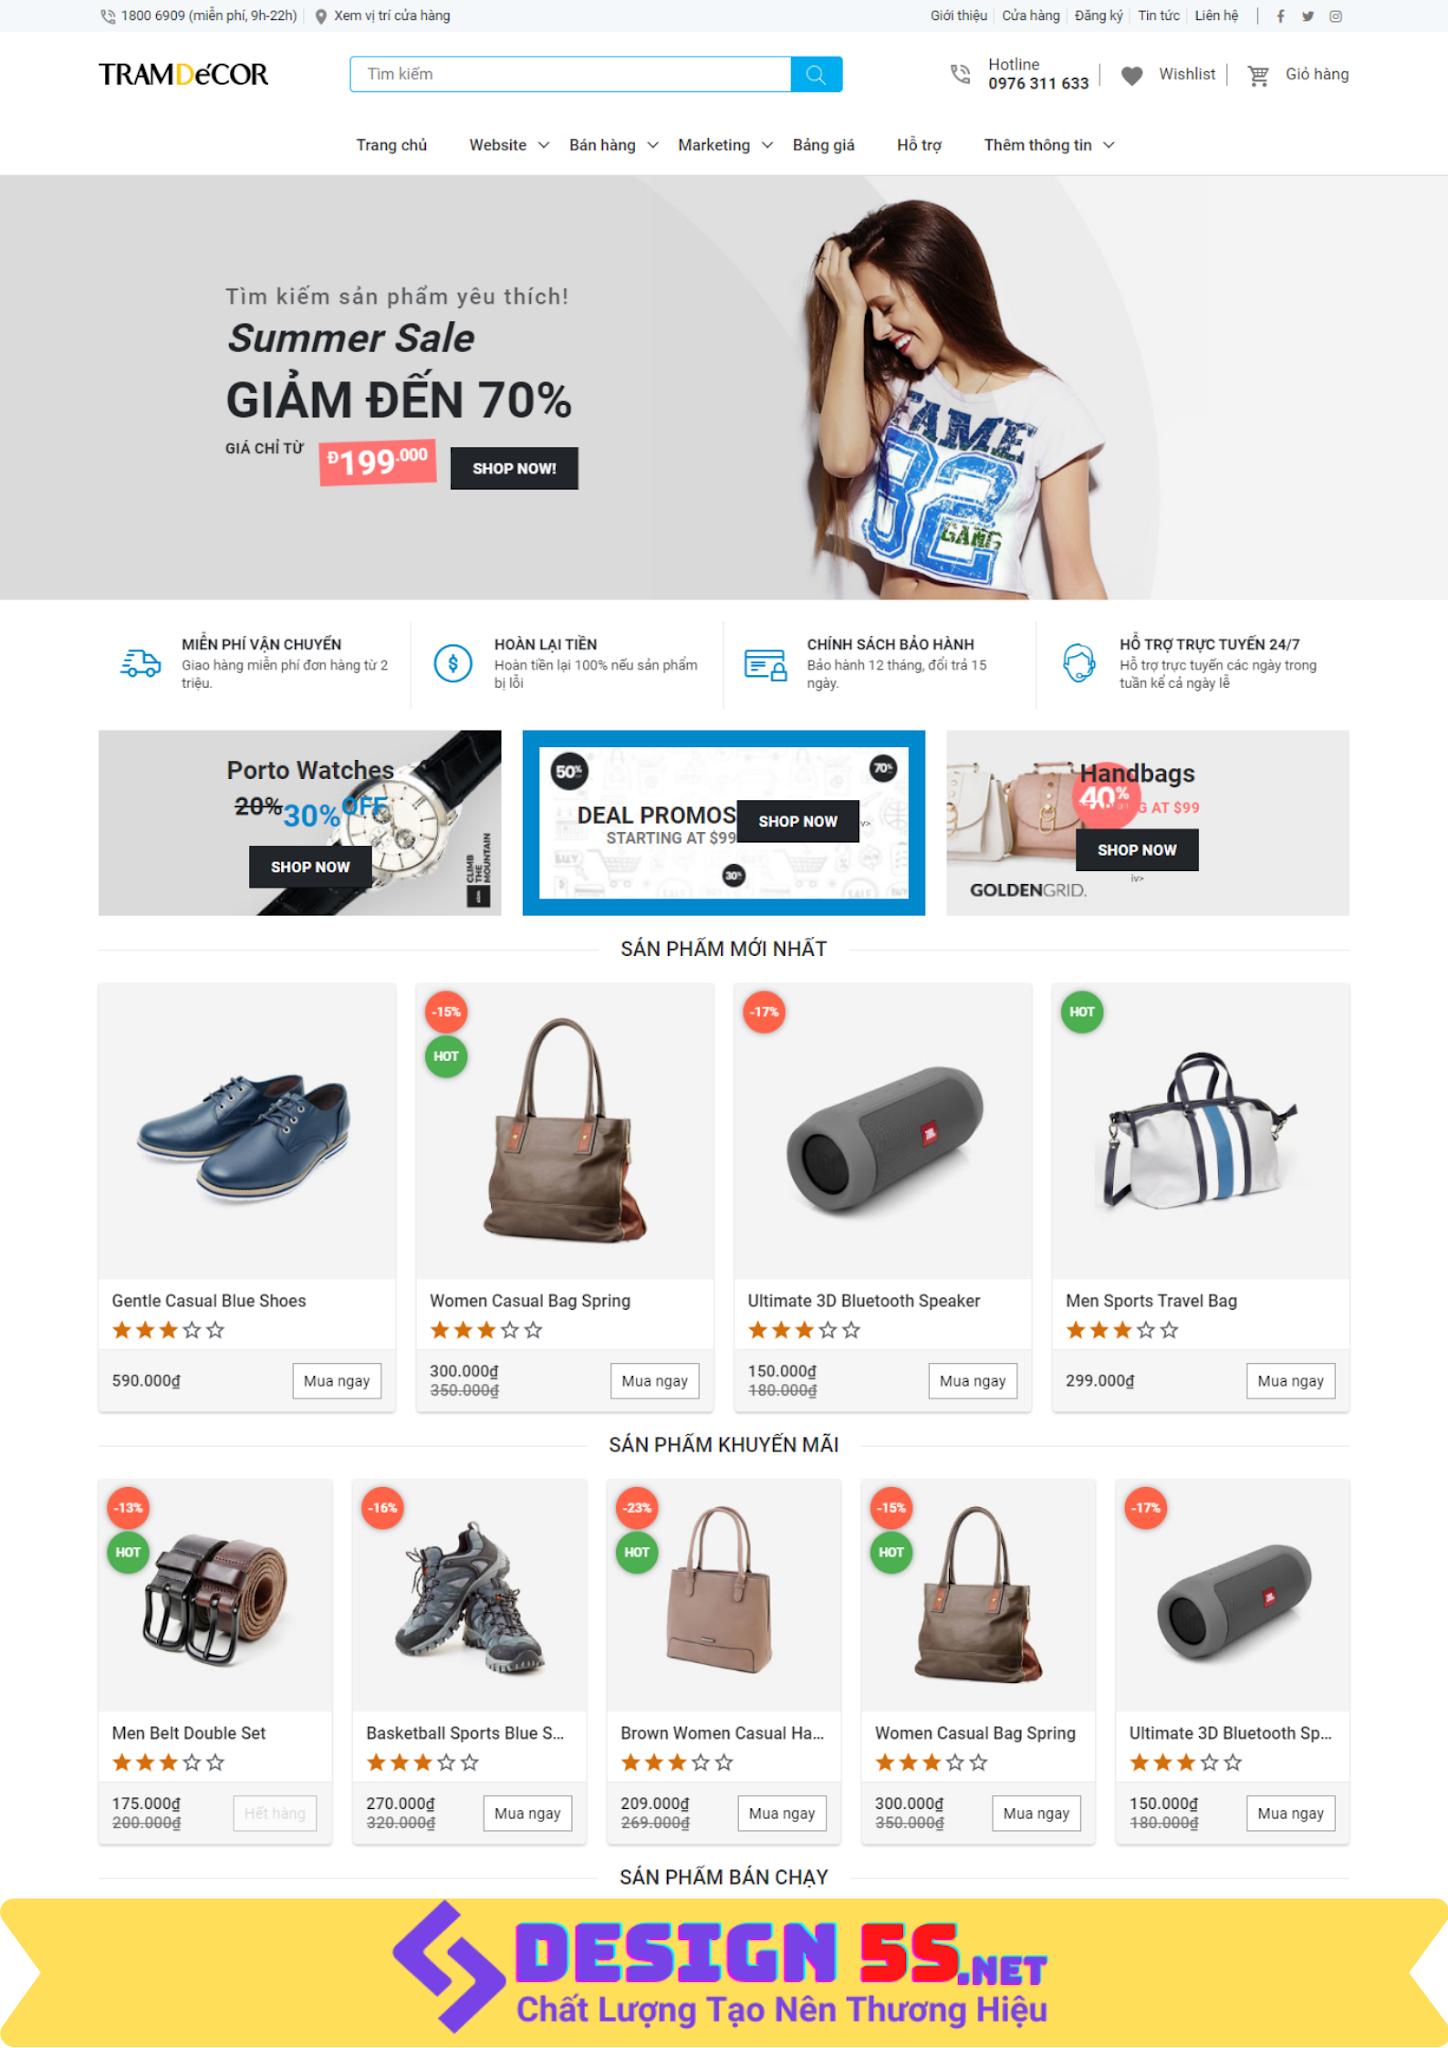 Template blogspot bán hàng, chuẩn SEO VSM09